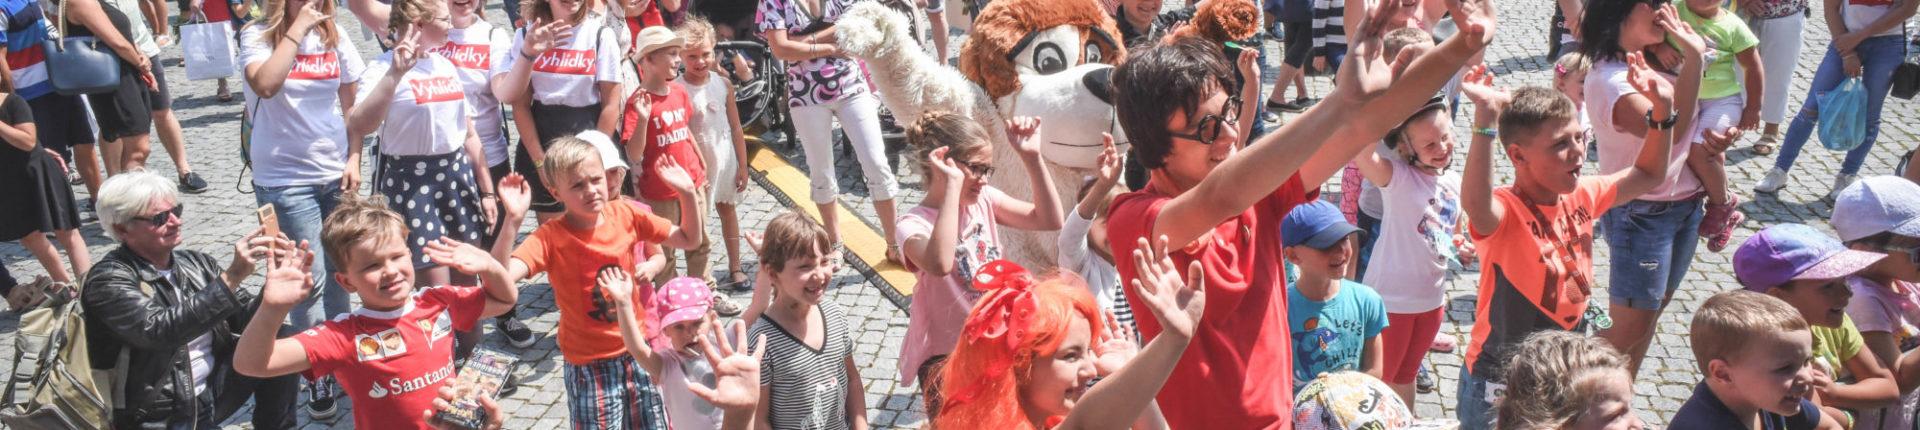 Dětský program Slováckého léta 2019: spousta sportu i zábavy